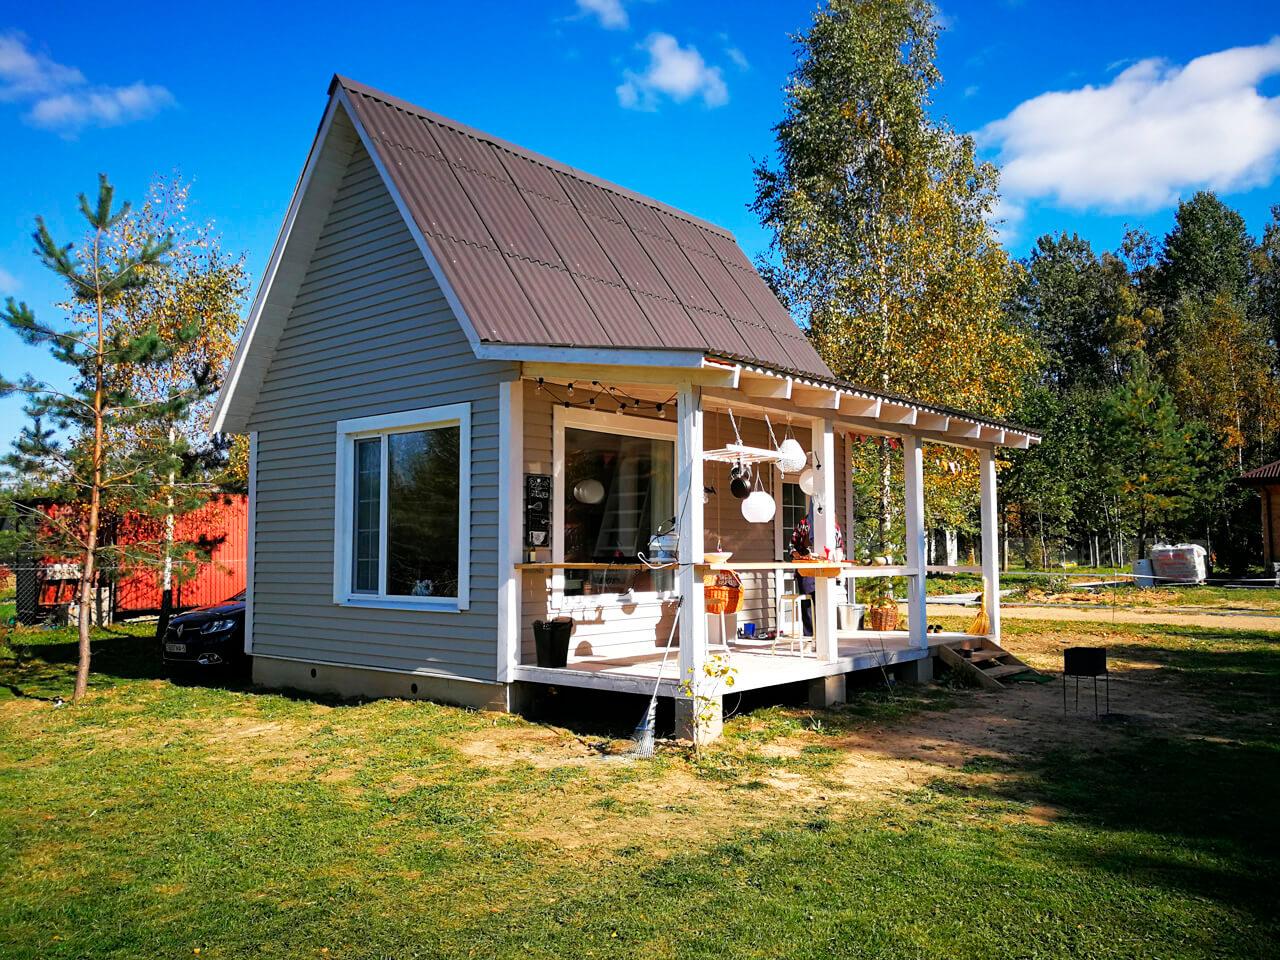 повышения проект небольшого дачного домика с террасой фото популярен